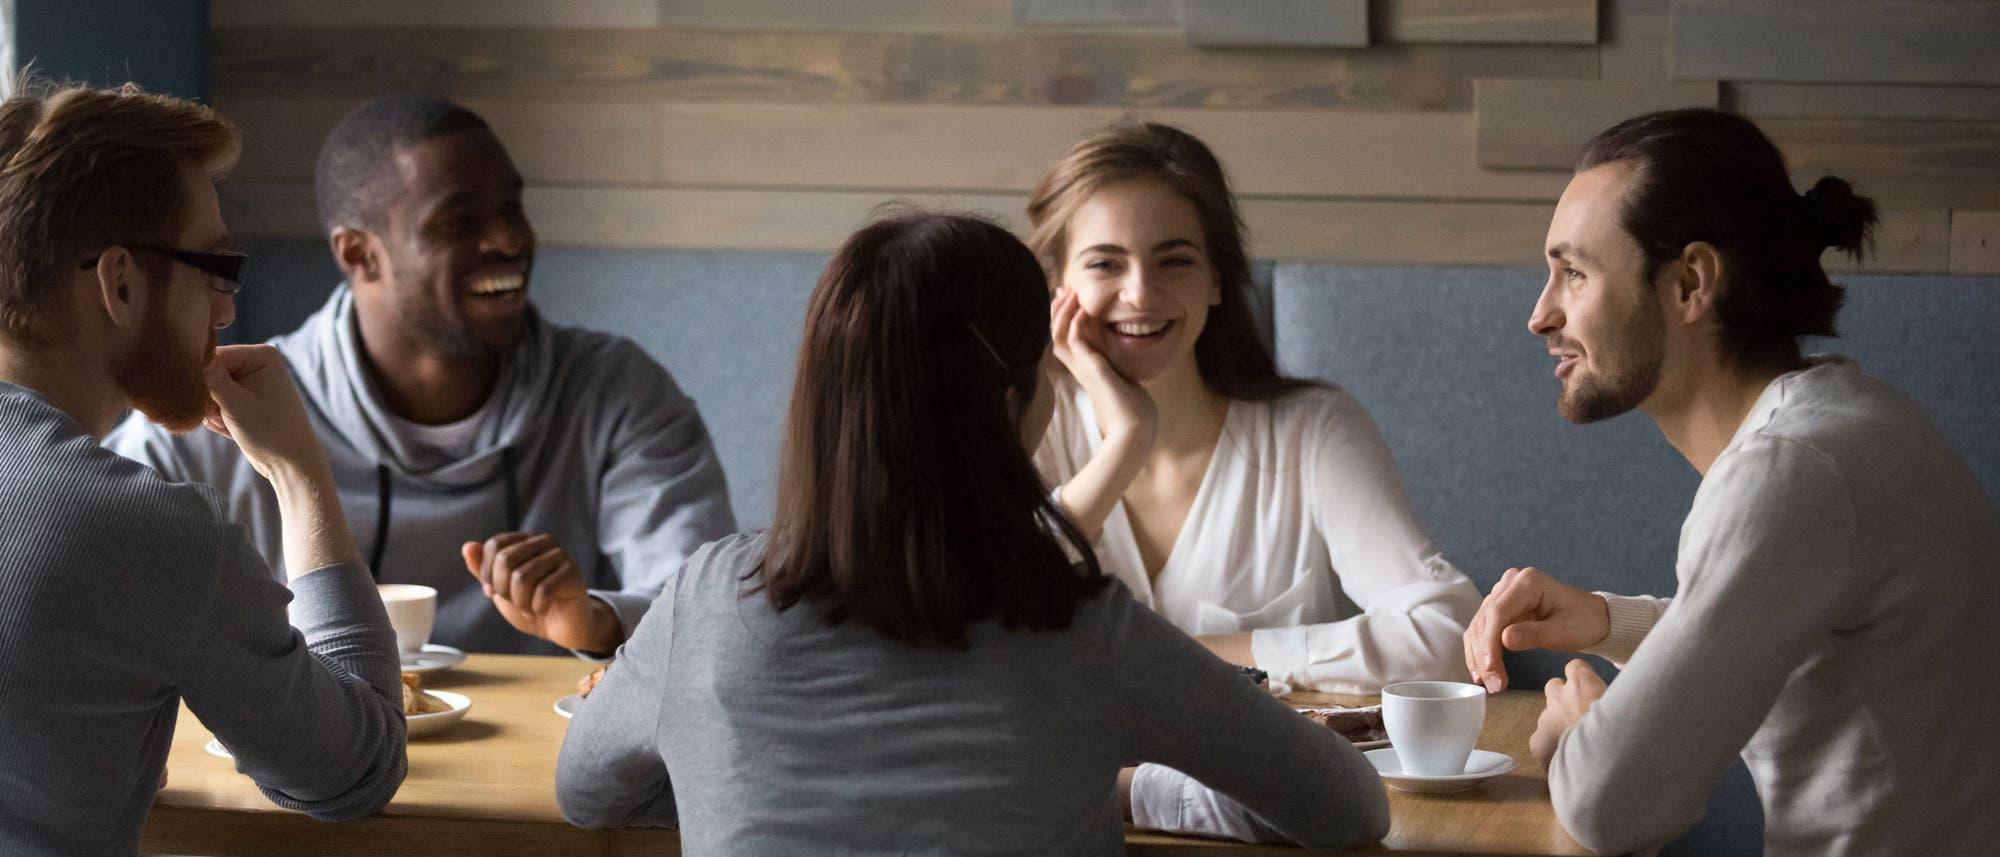 Eine Gruppe Freunde sitzt lachend und quatschend zusammen am Tisch